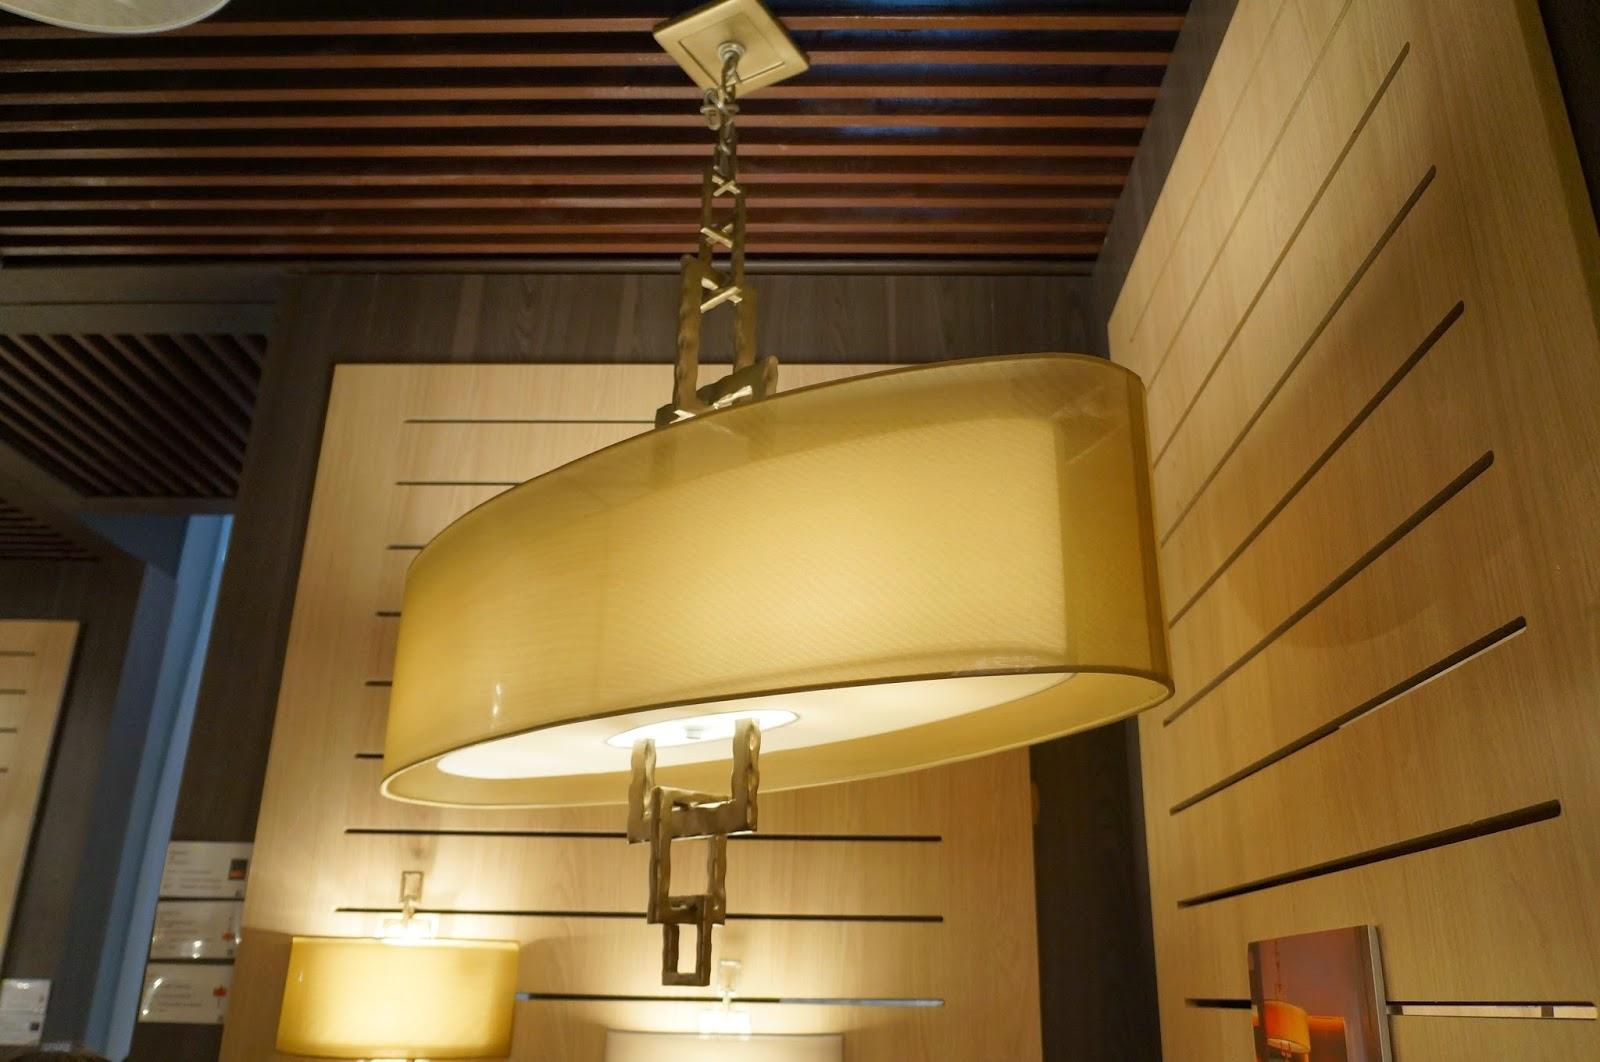 pendente Link de ferro forjado à mão - Troy Lighting - Expolux 2014